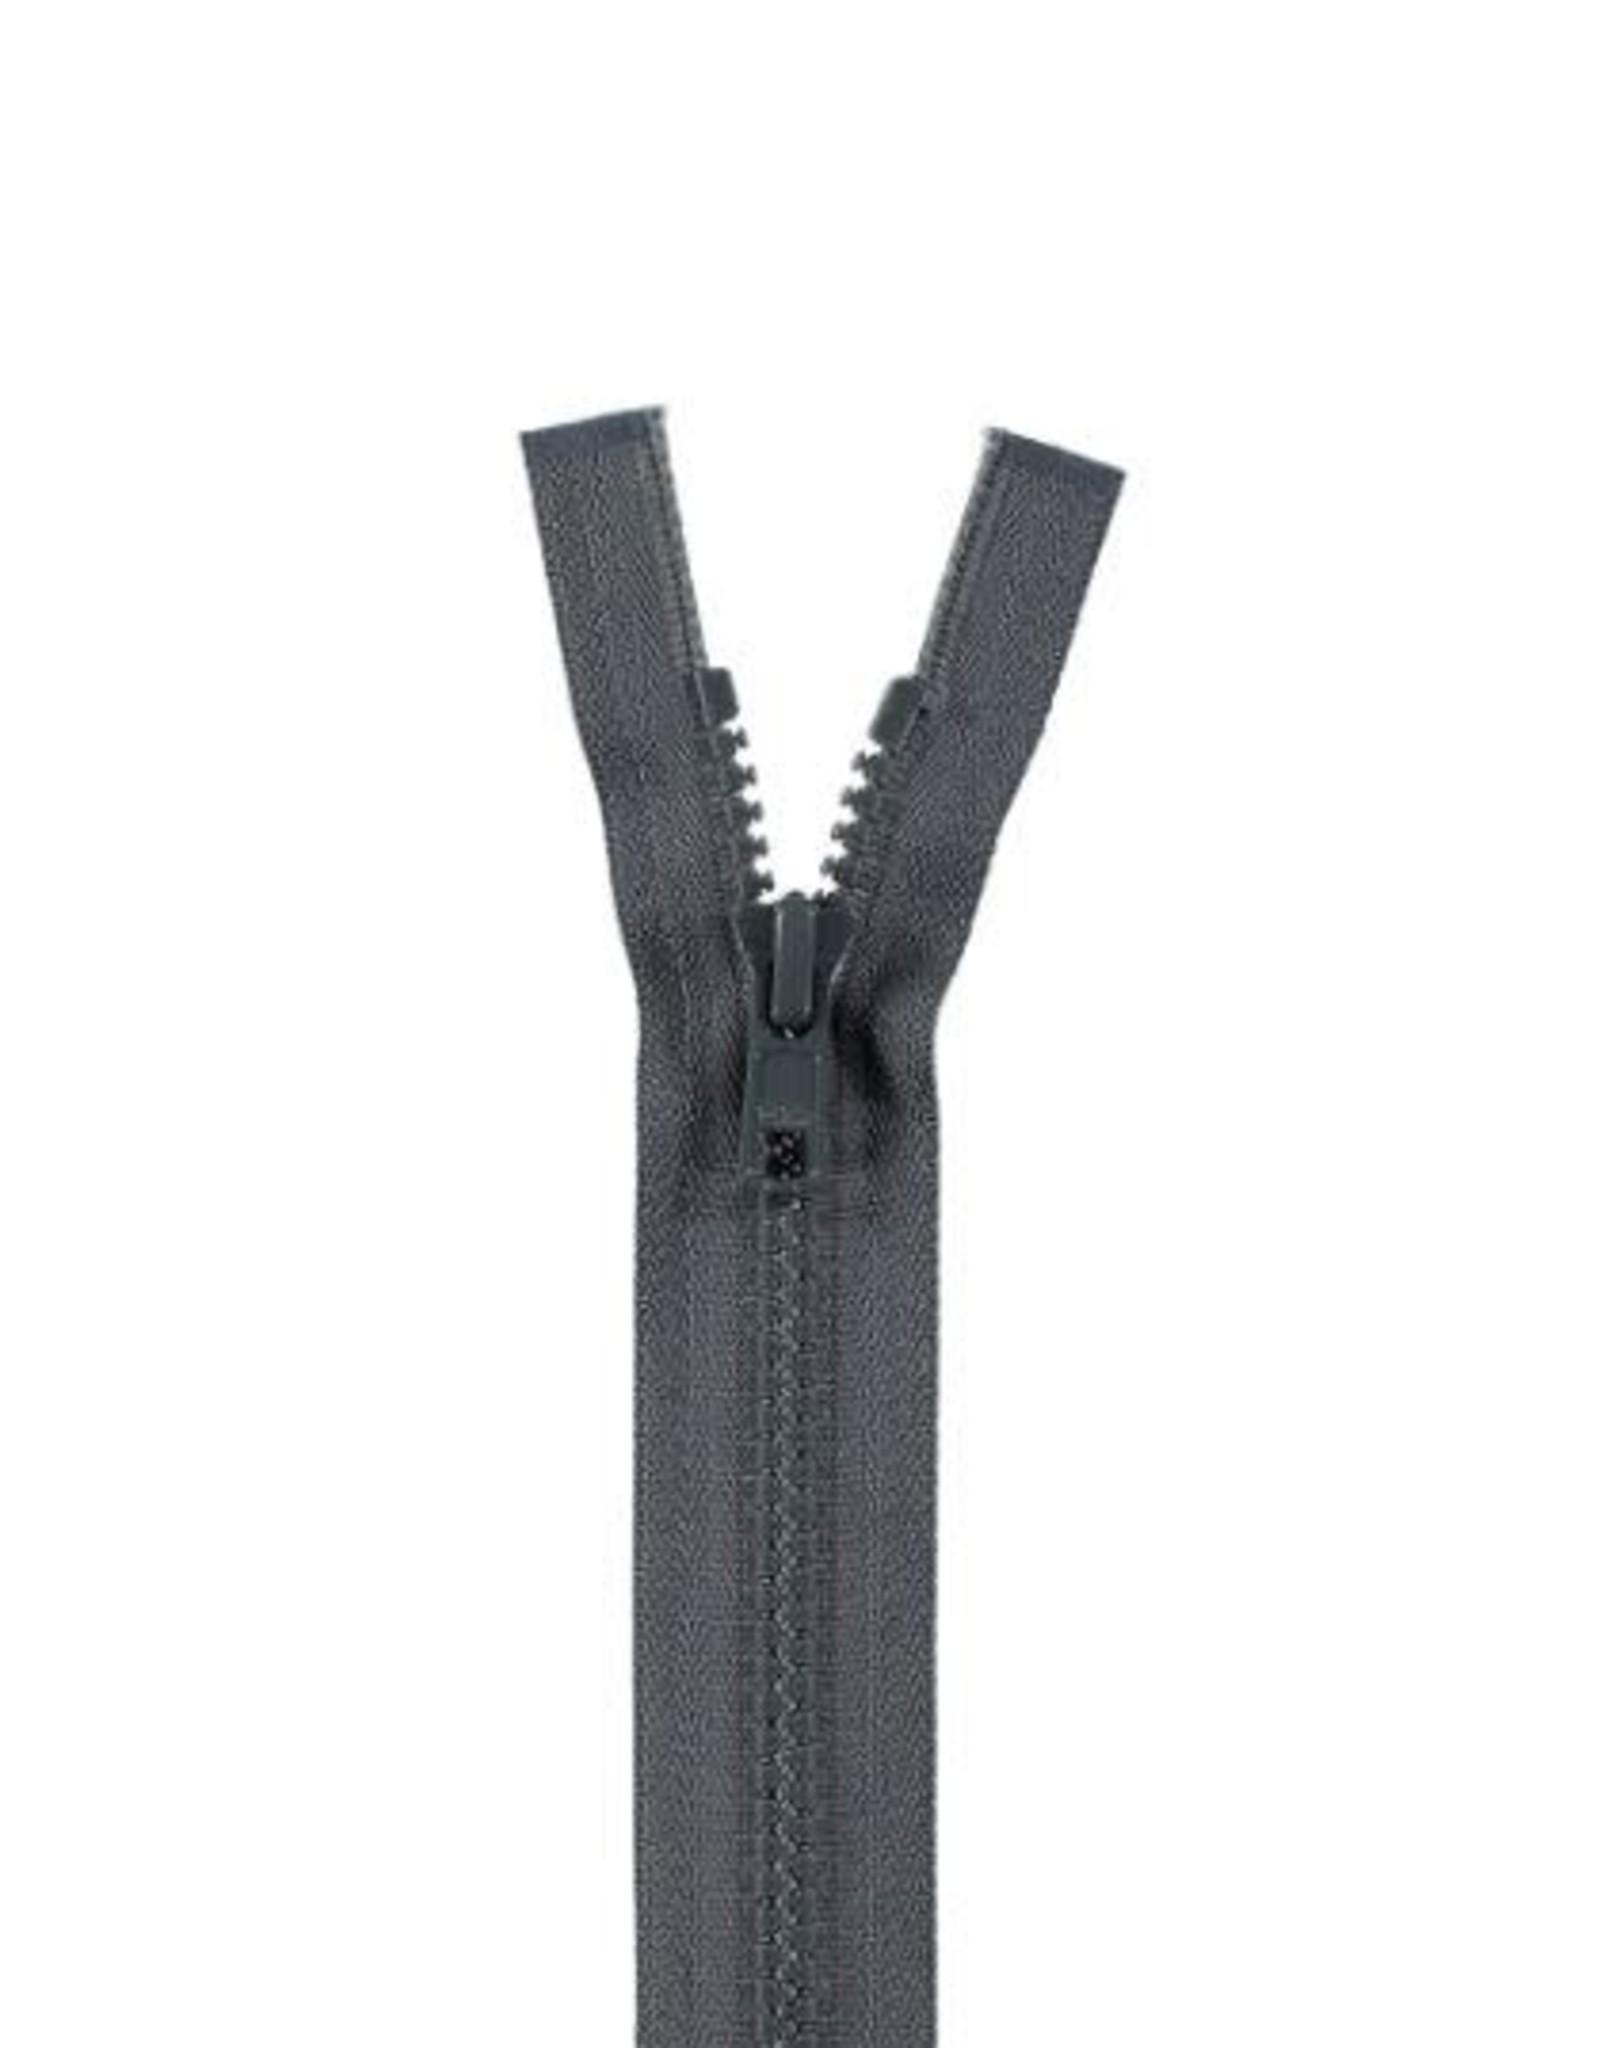 YKK BLOKRITS 5 DEELBAAR d. grijs 579-65cm